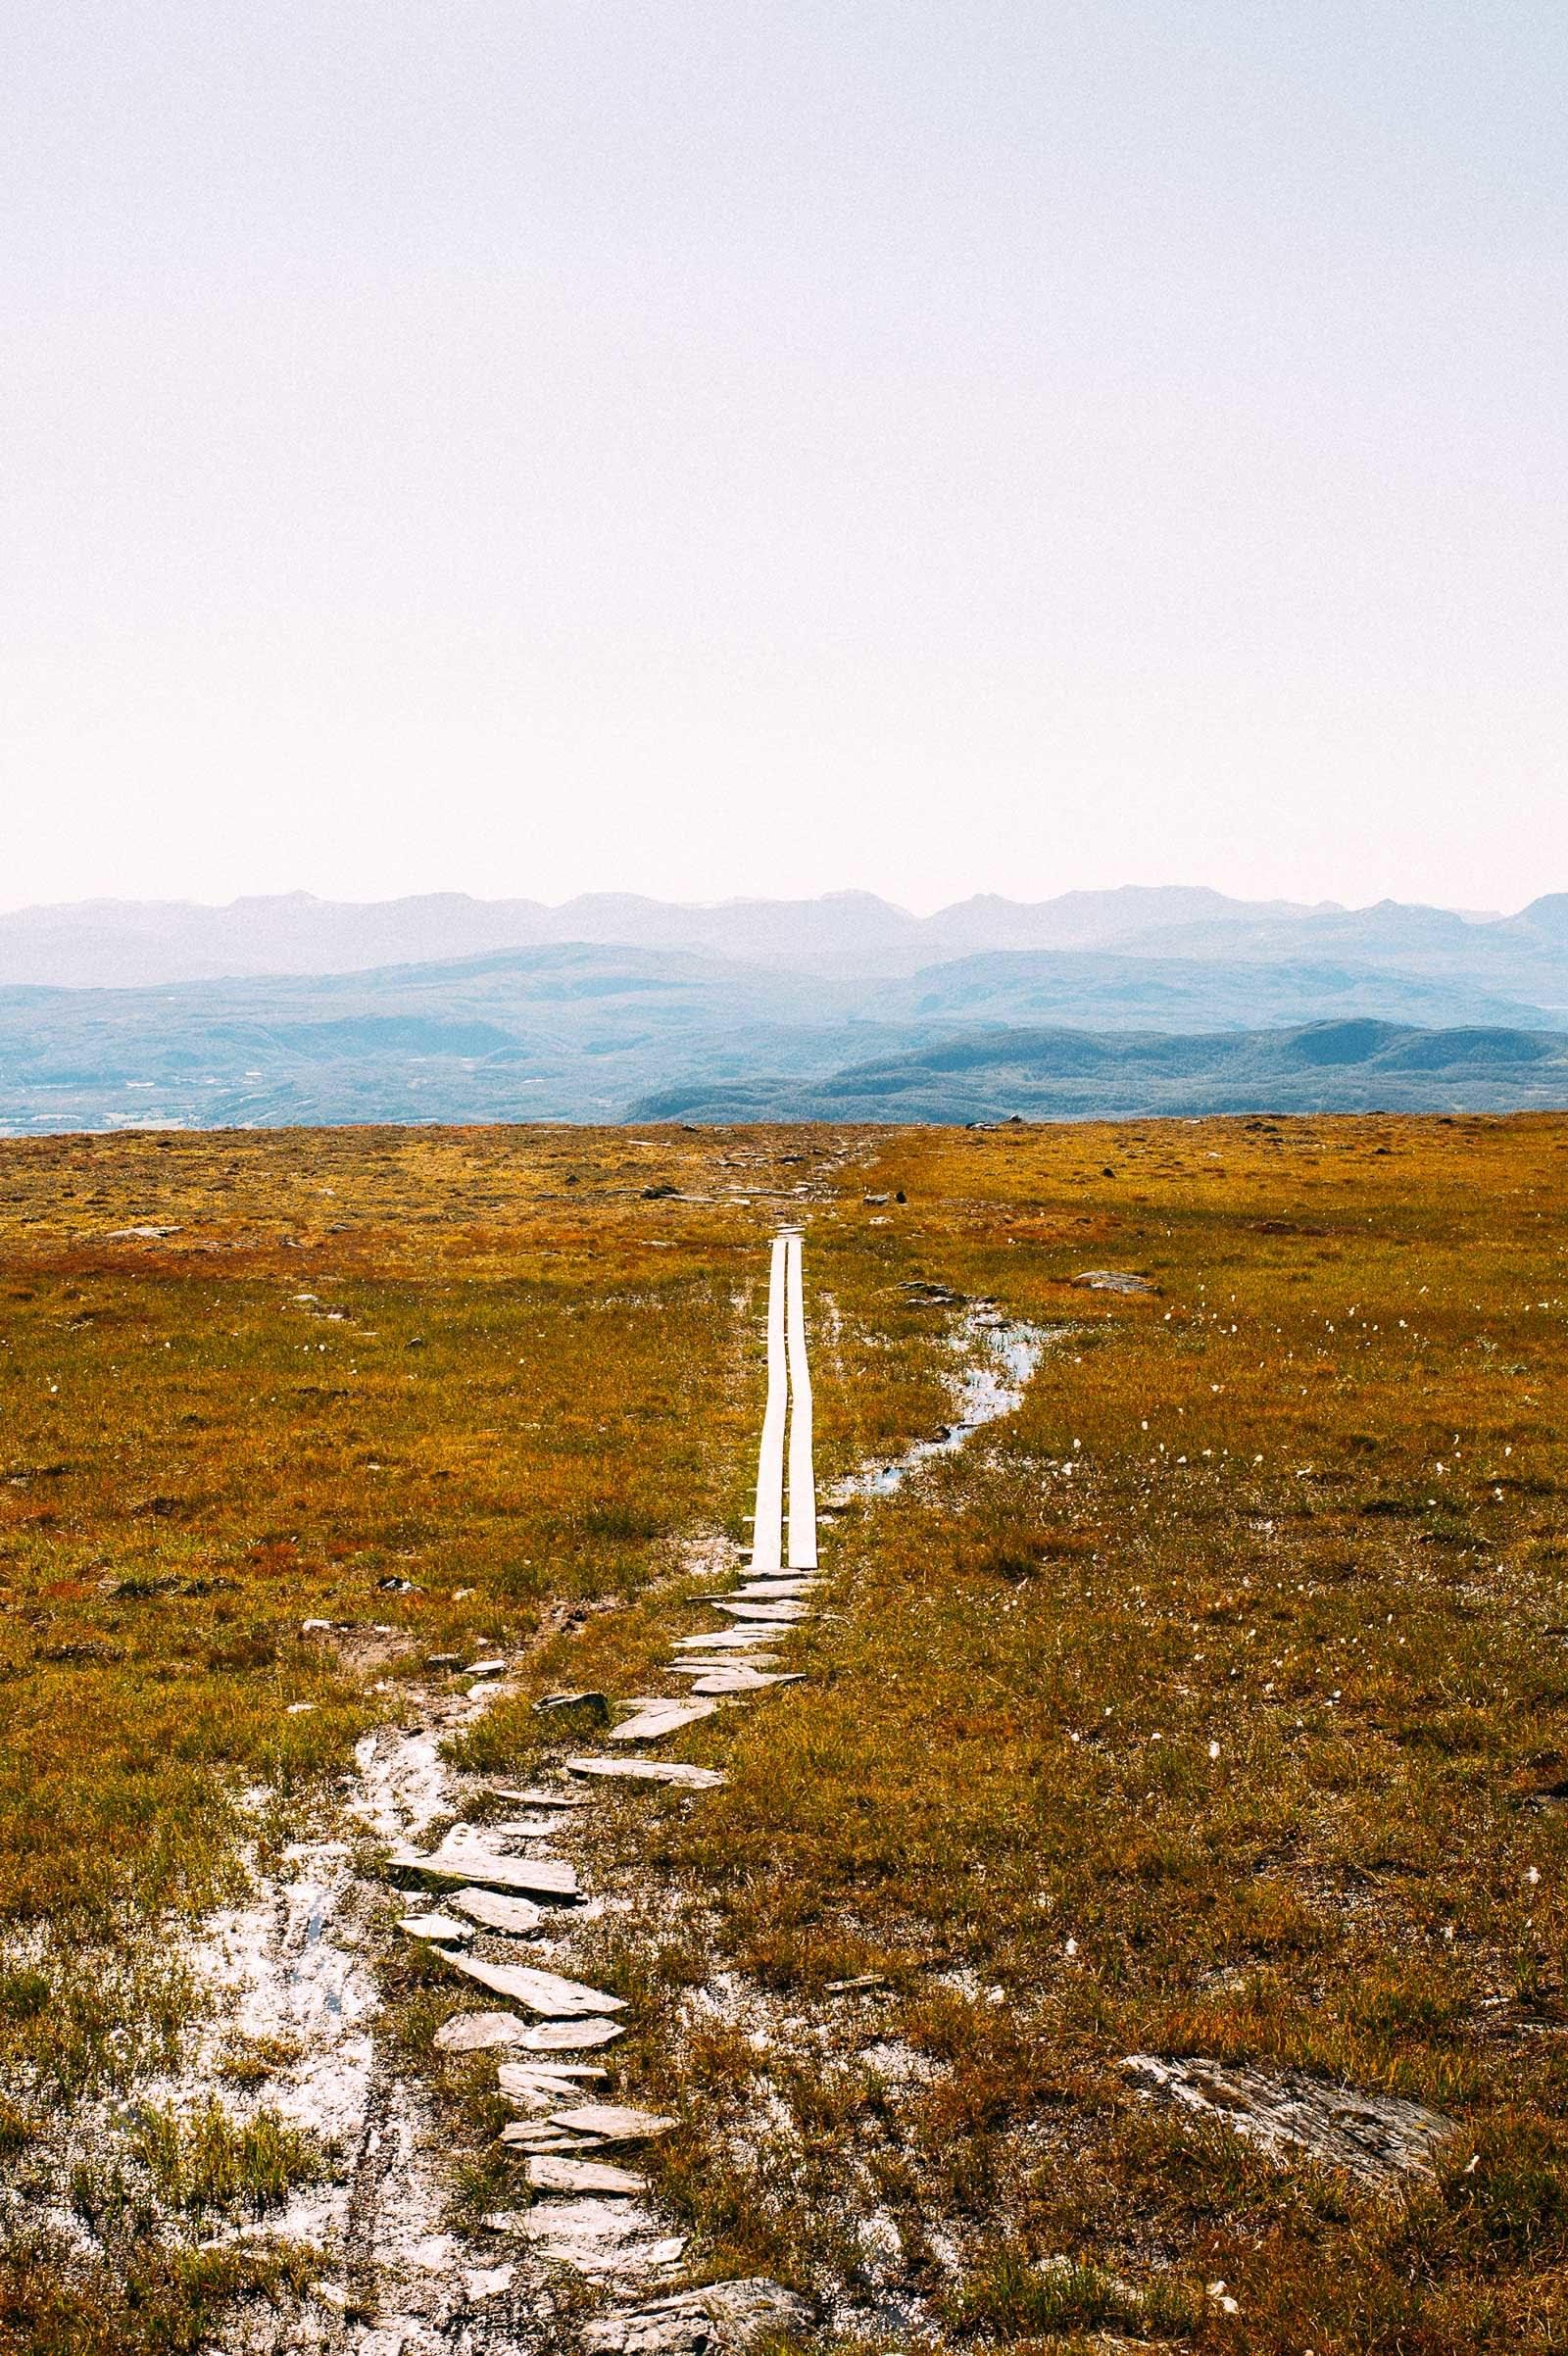 Tilrettelagt: Balsfjord og omegn Turlag har lagt klopper i de få våte partiene mot toppen.